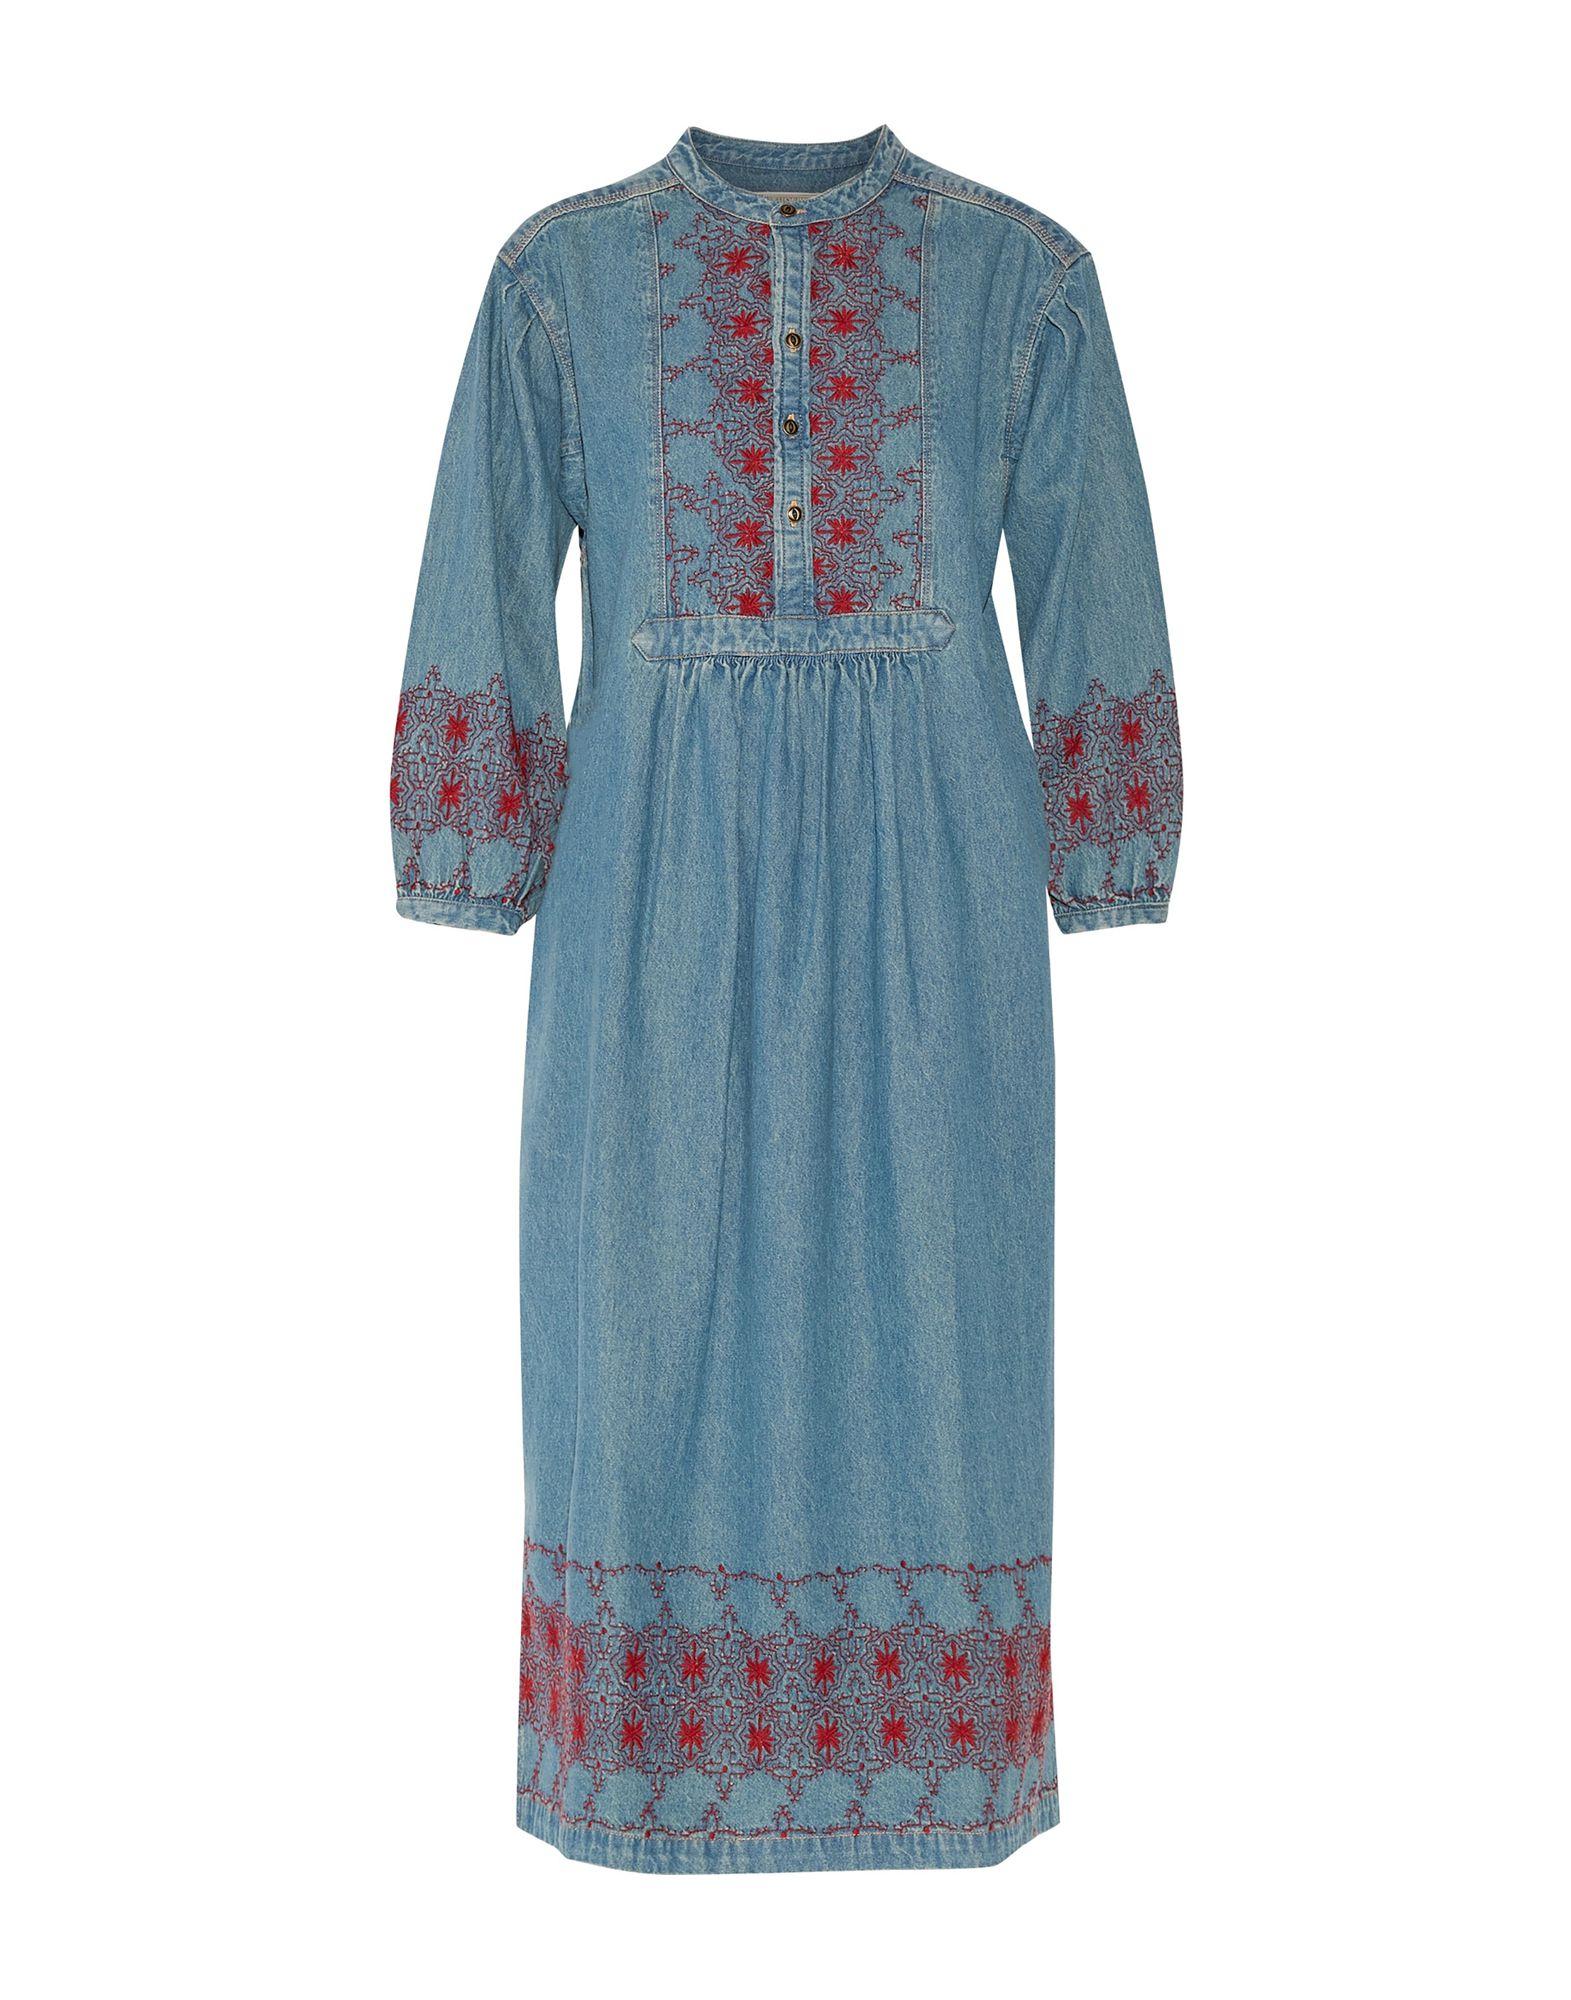 CURRENT/ELLIOTT Платье длиной 3/4